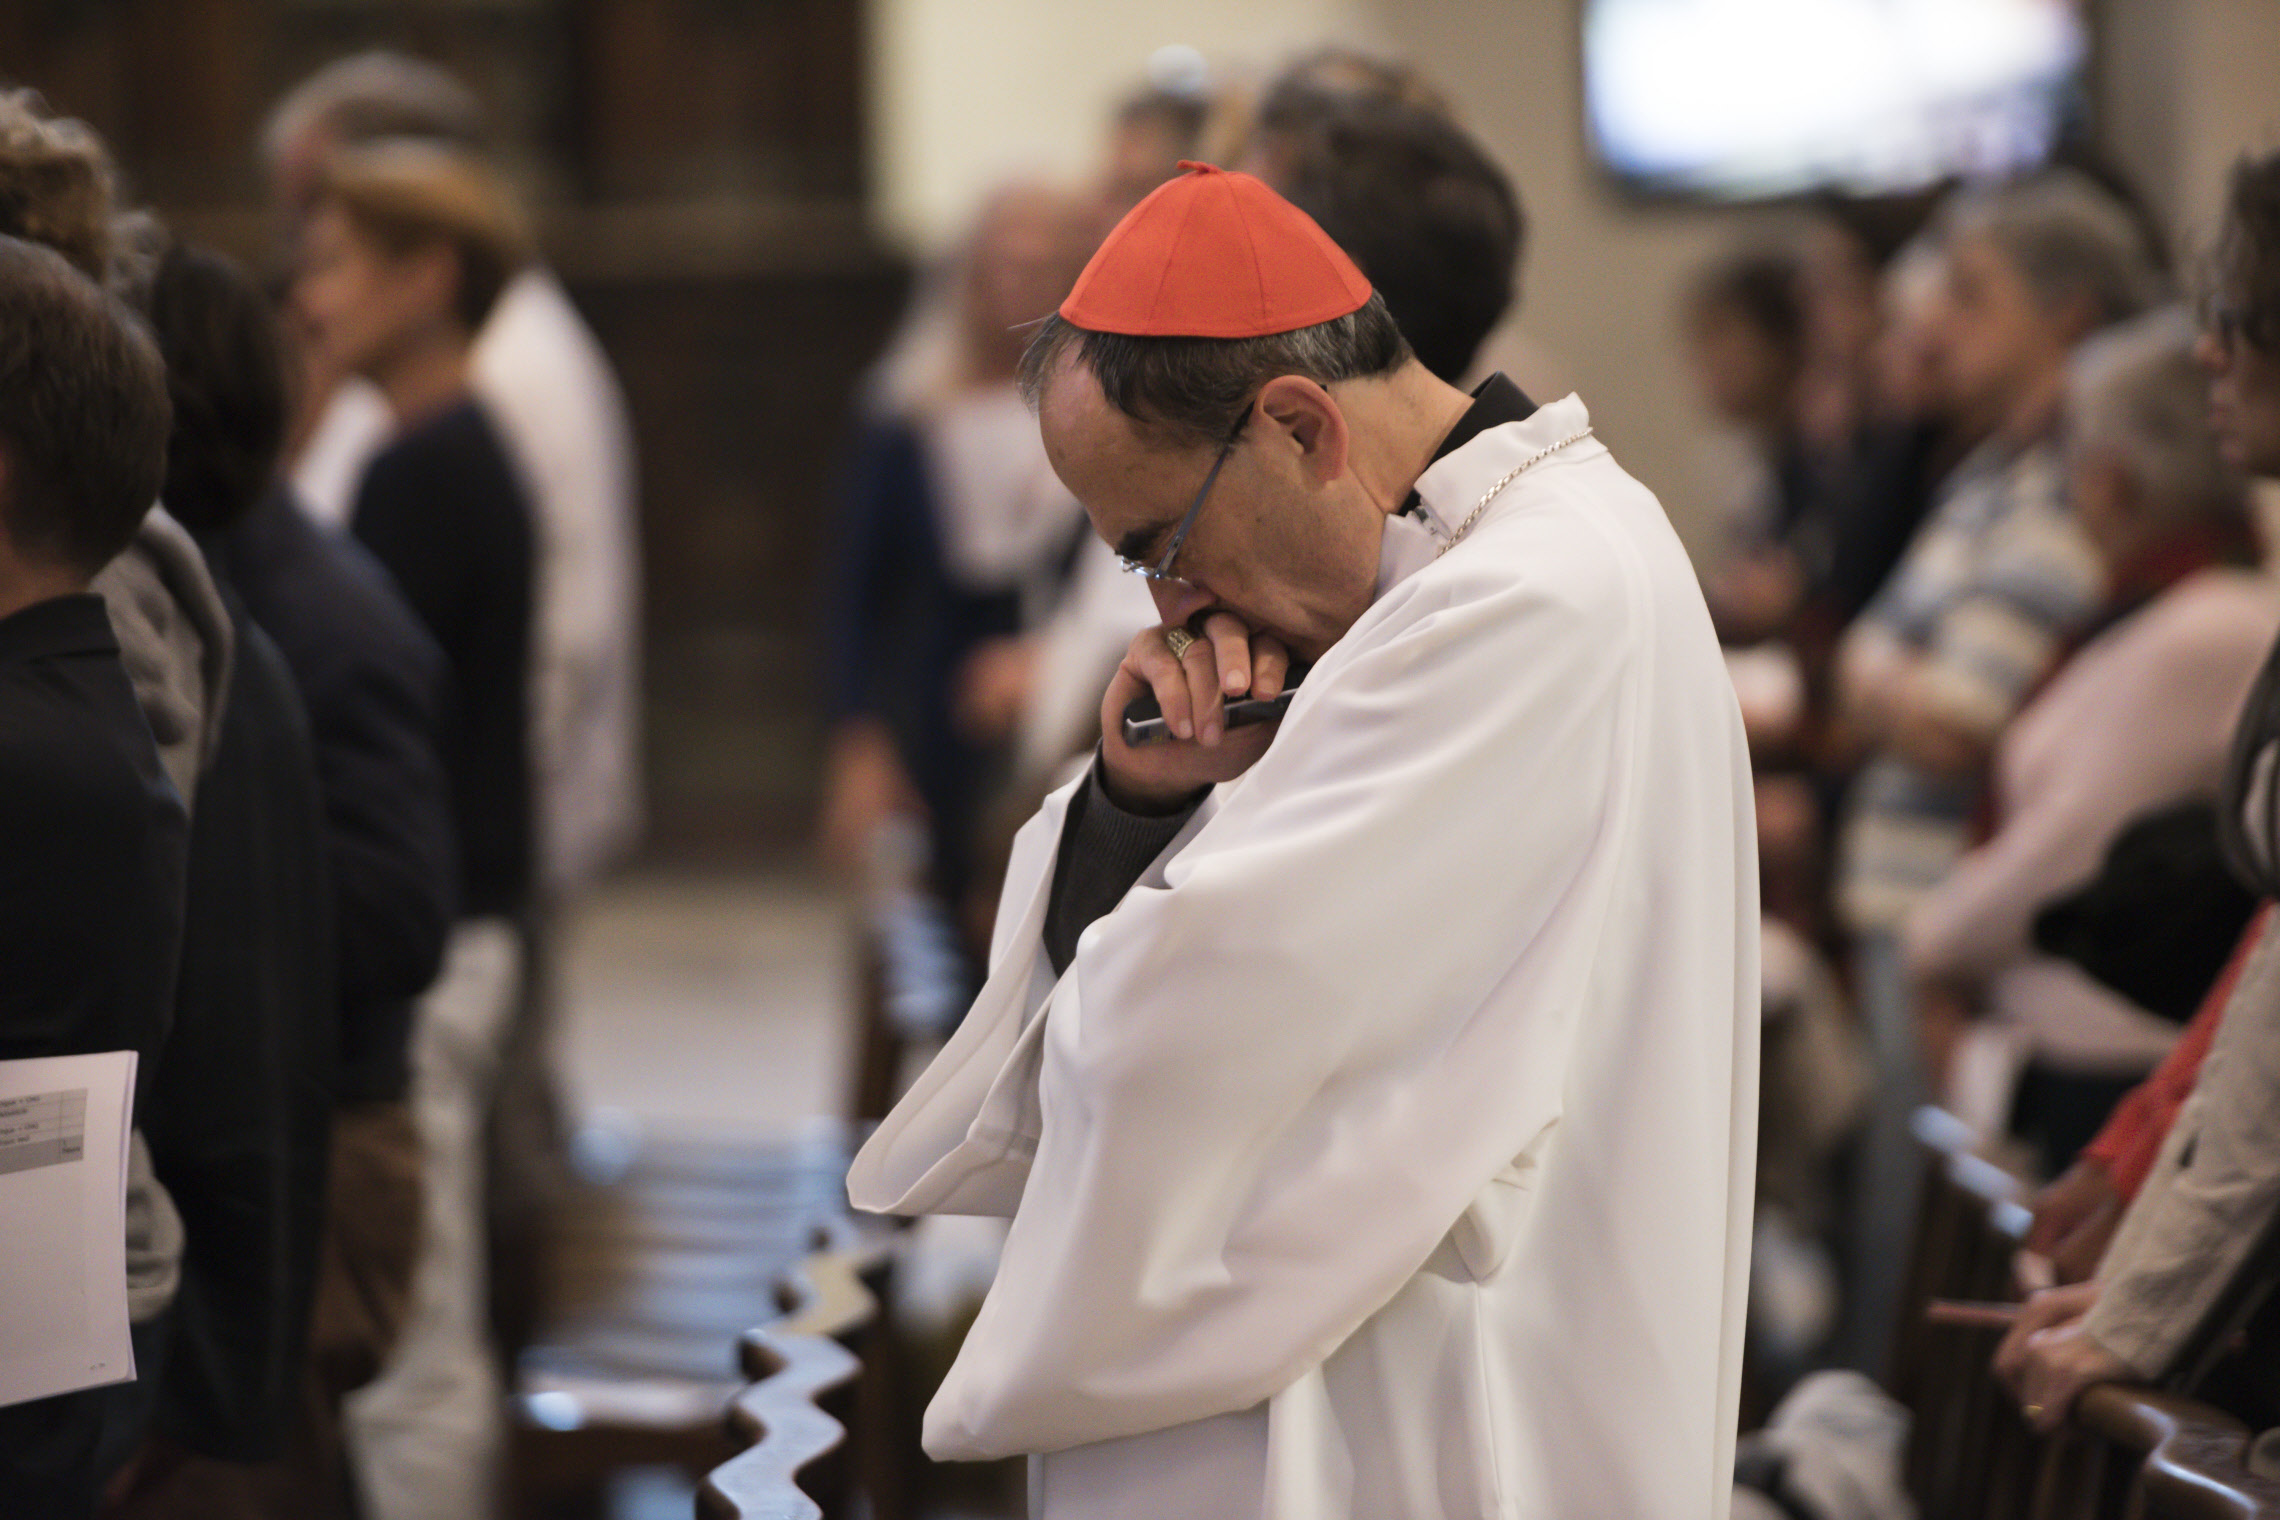 Cardinal Barabrin